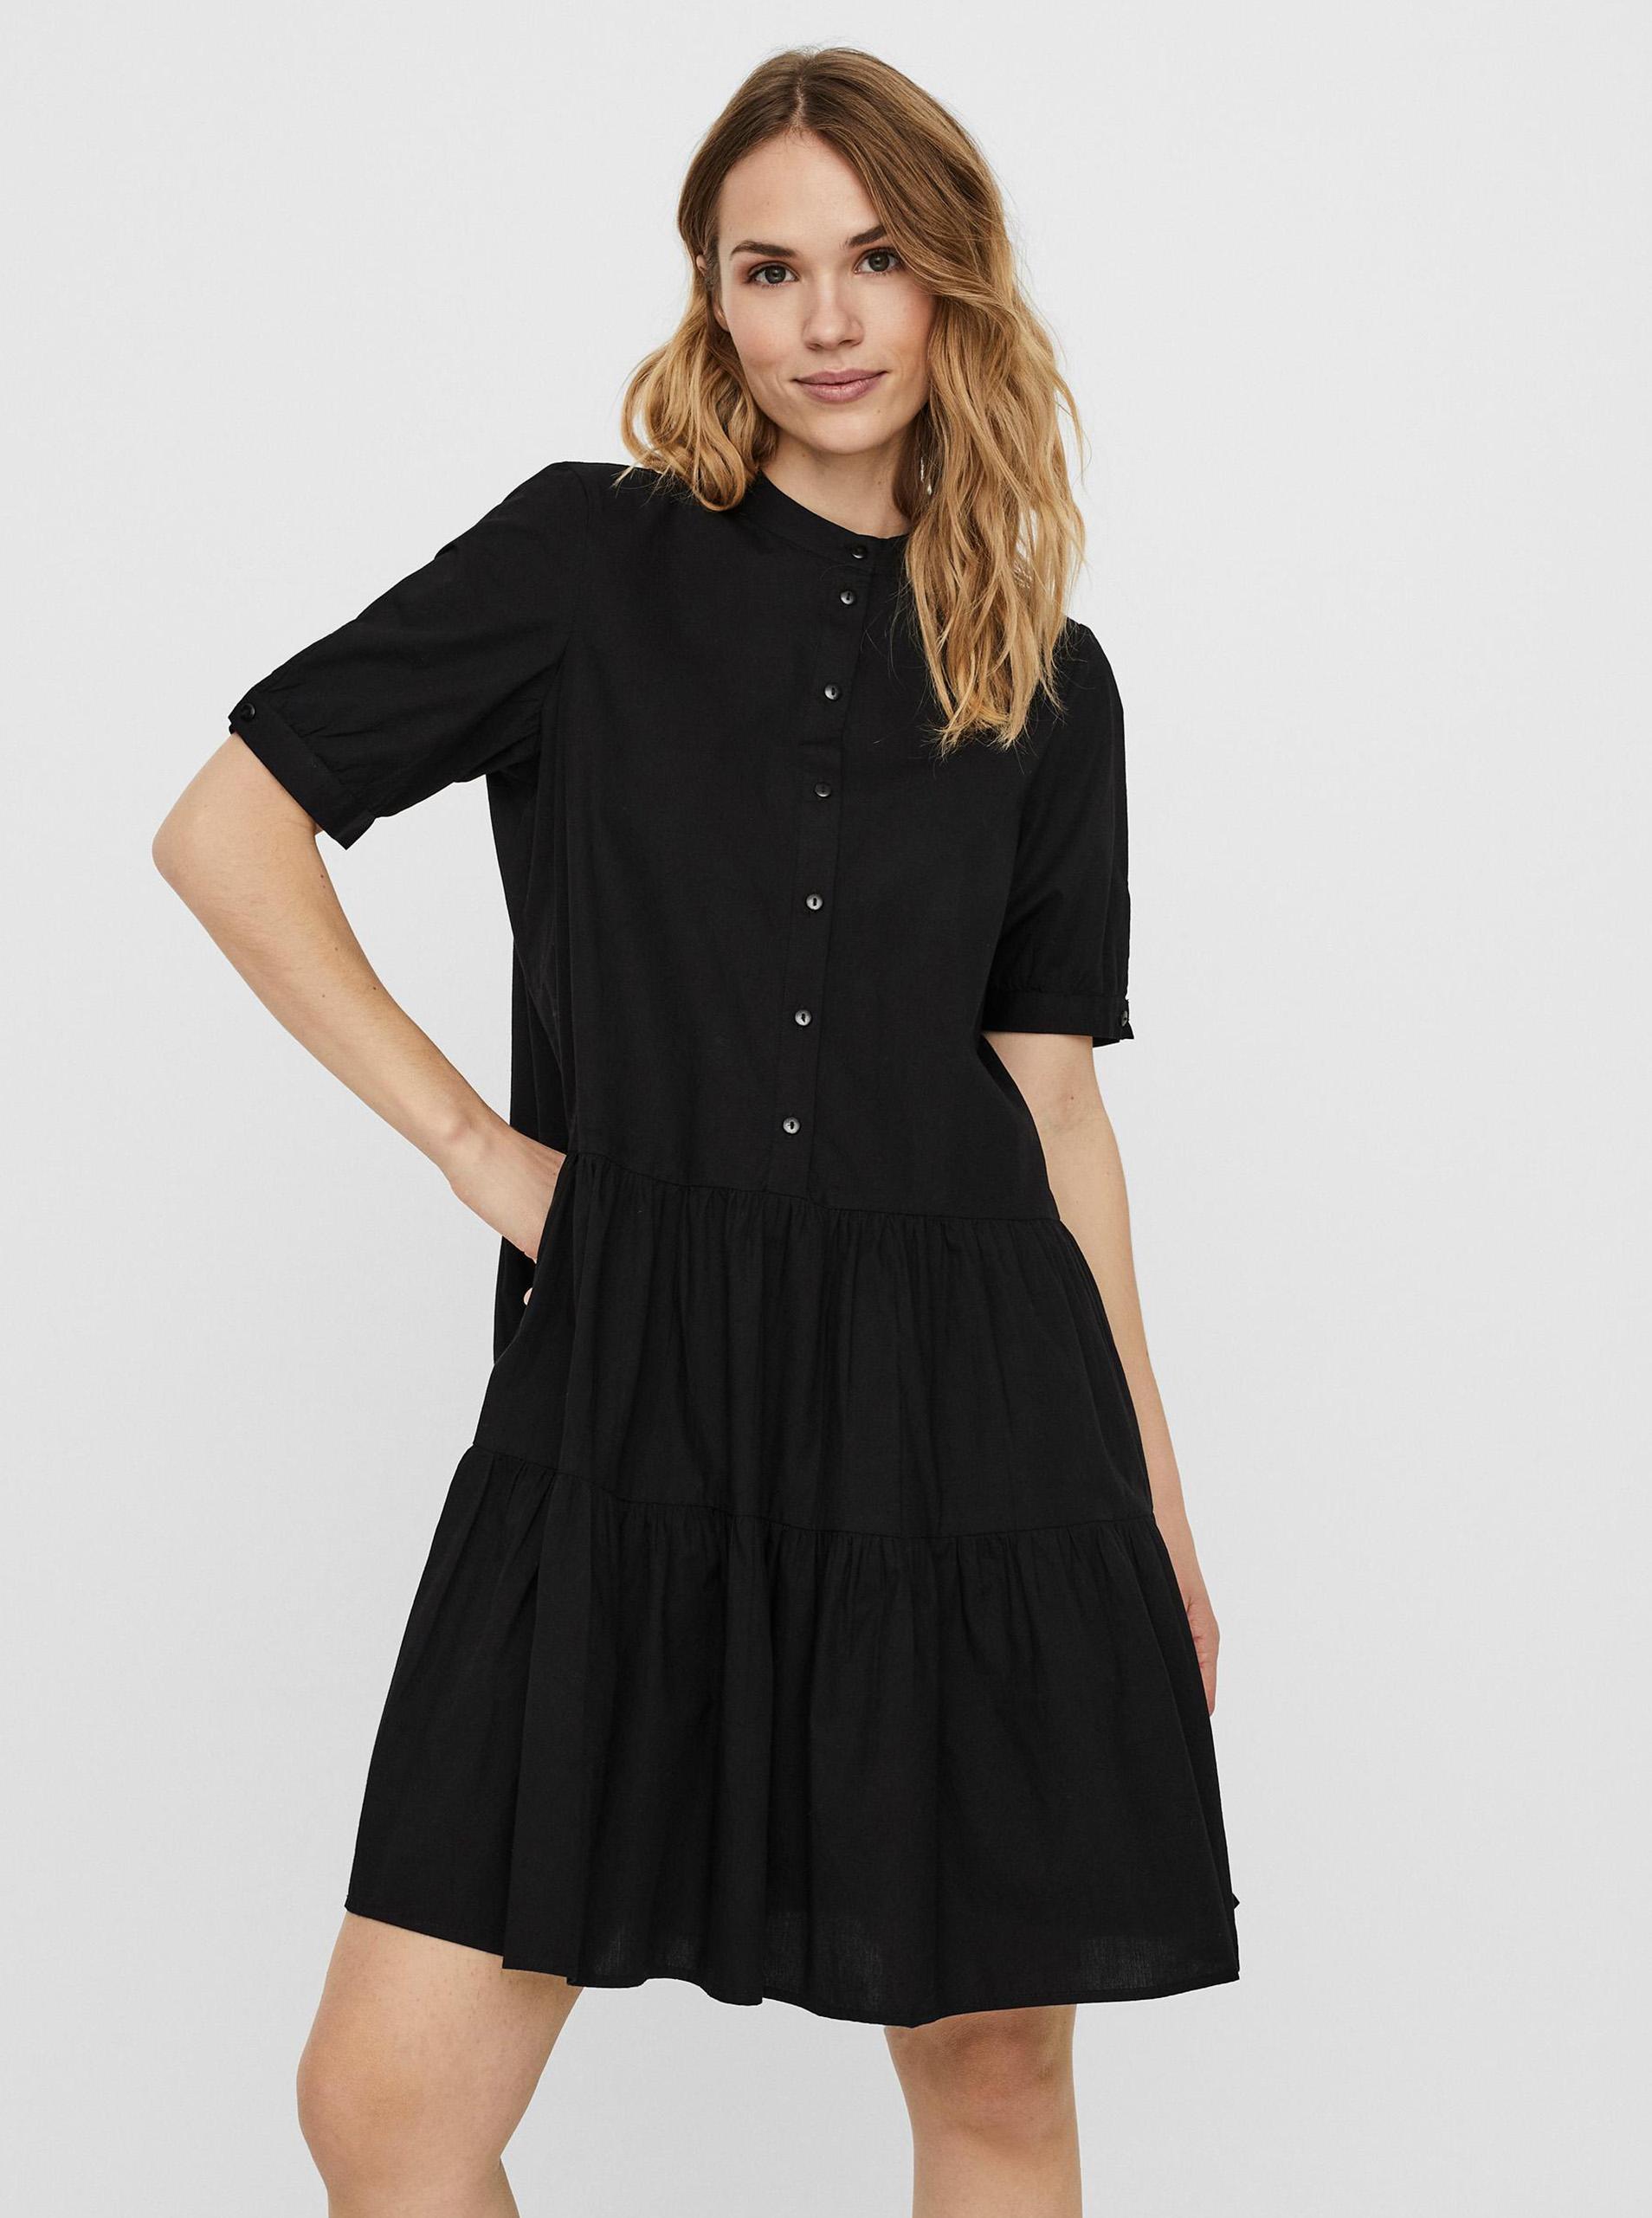 Vero Moda čierne košeľové šaty Delta - M